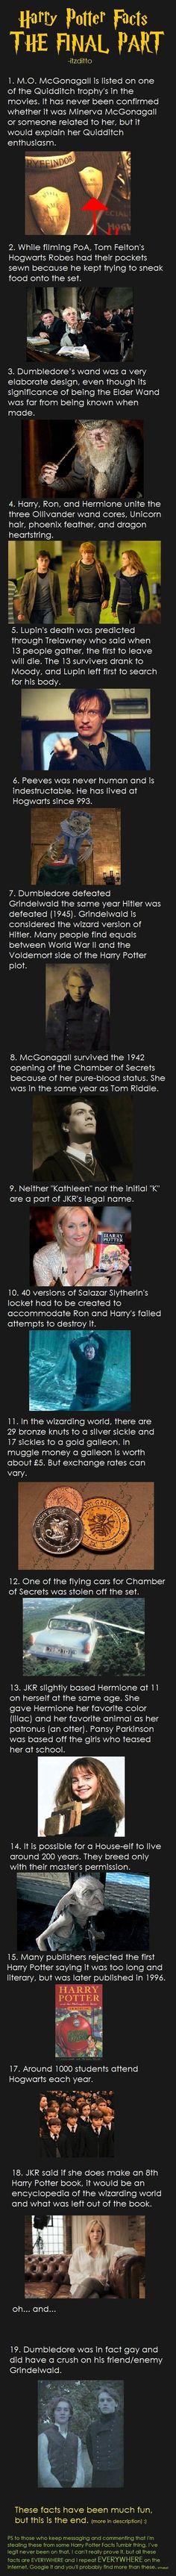 Pinterest Bilder von Harry Potter. Lustige Witze, traurige Fakten, alles dabei.